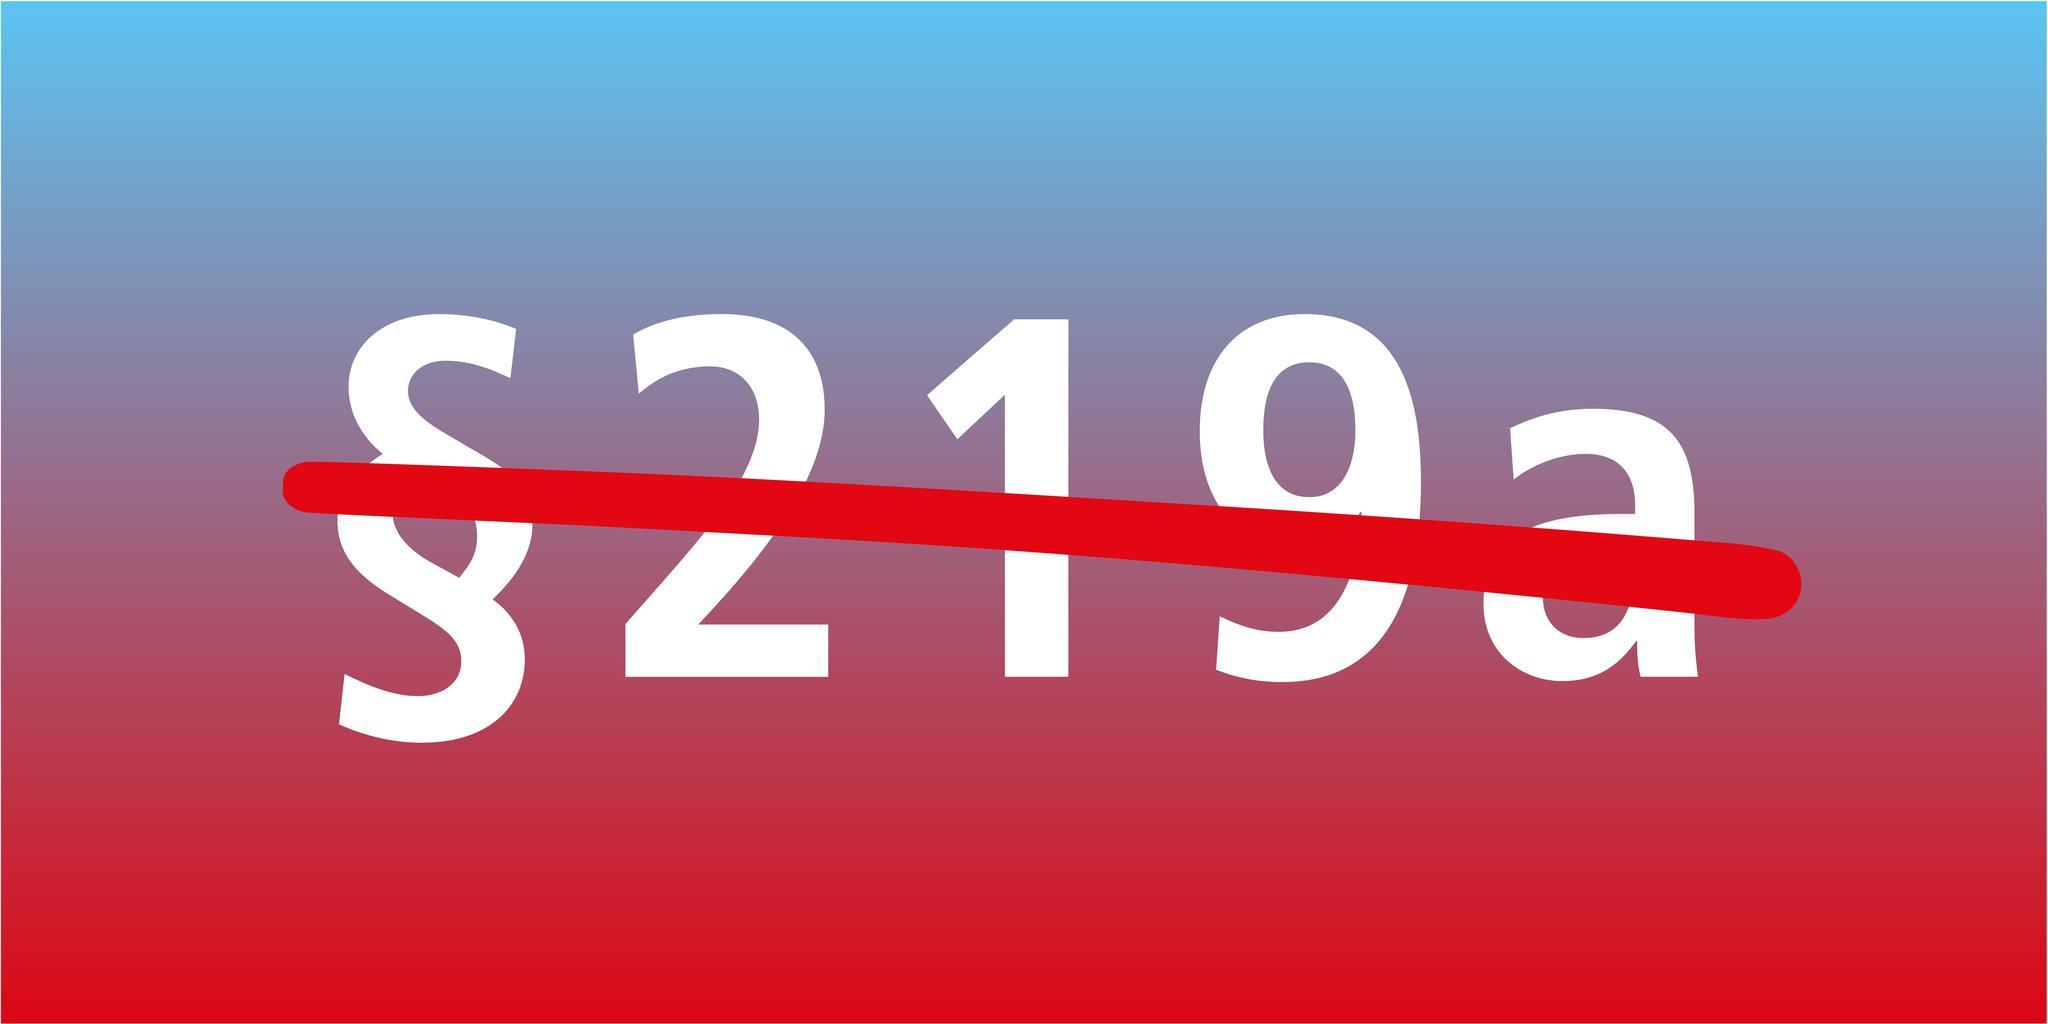 § 219a StGB durchgestrichen